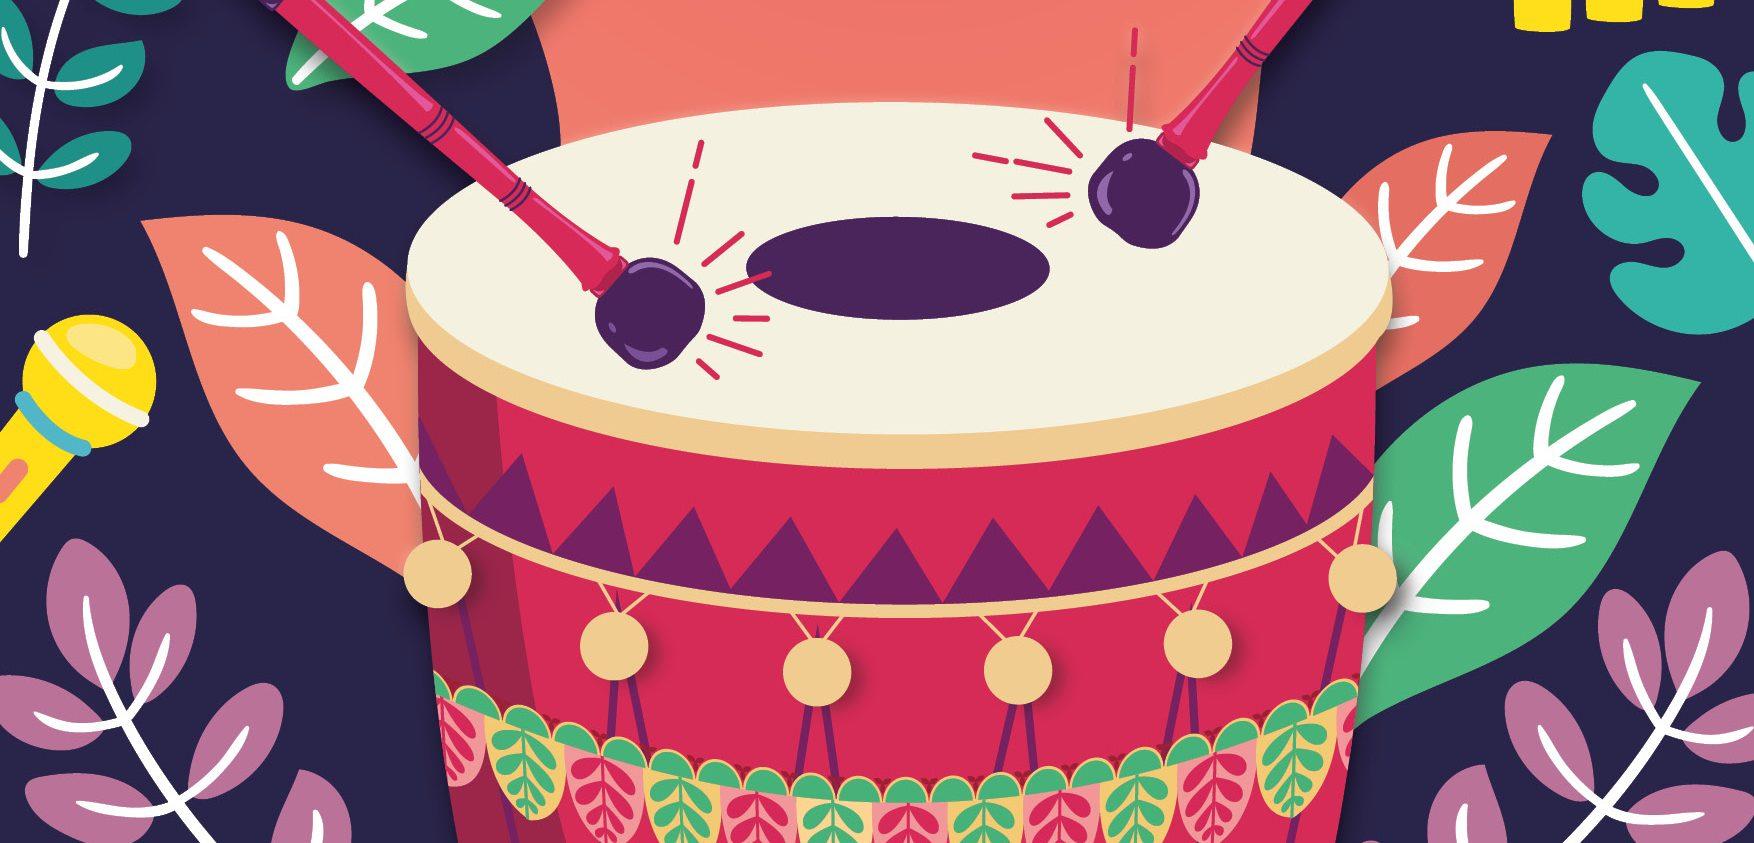 [Evènement] - Biennale Internationale de la Percussion - 25, 26 & 27 juin